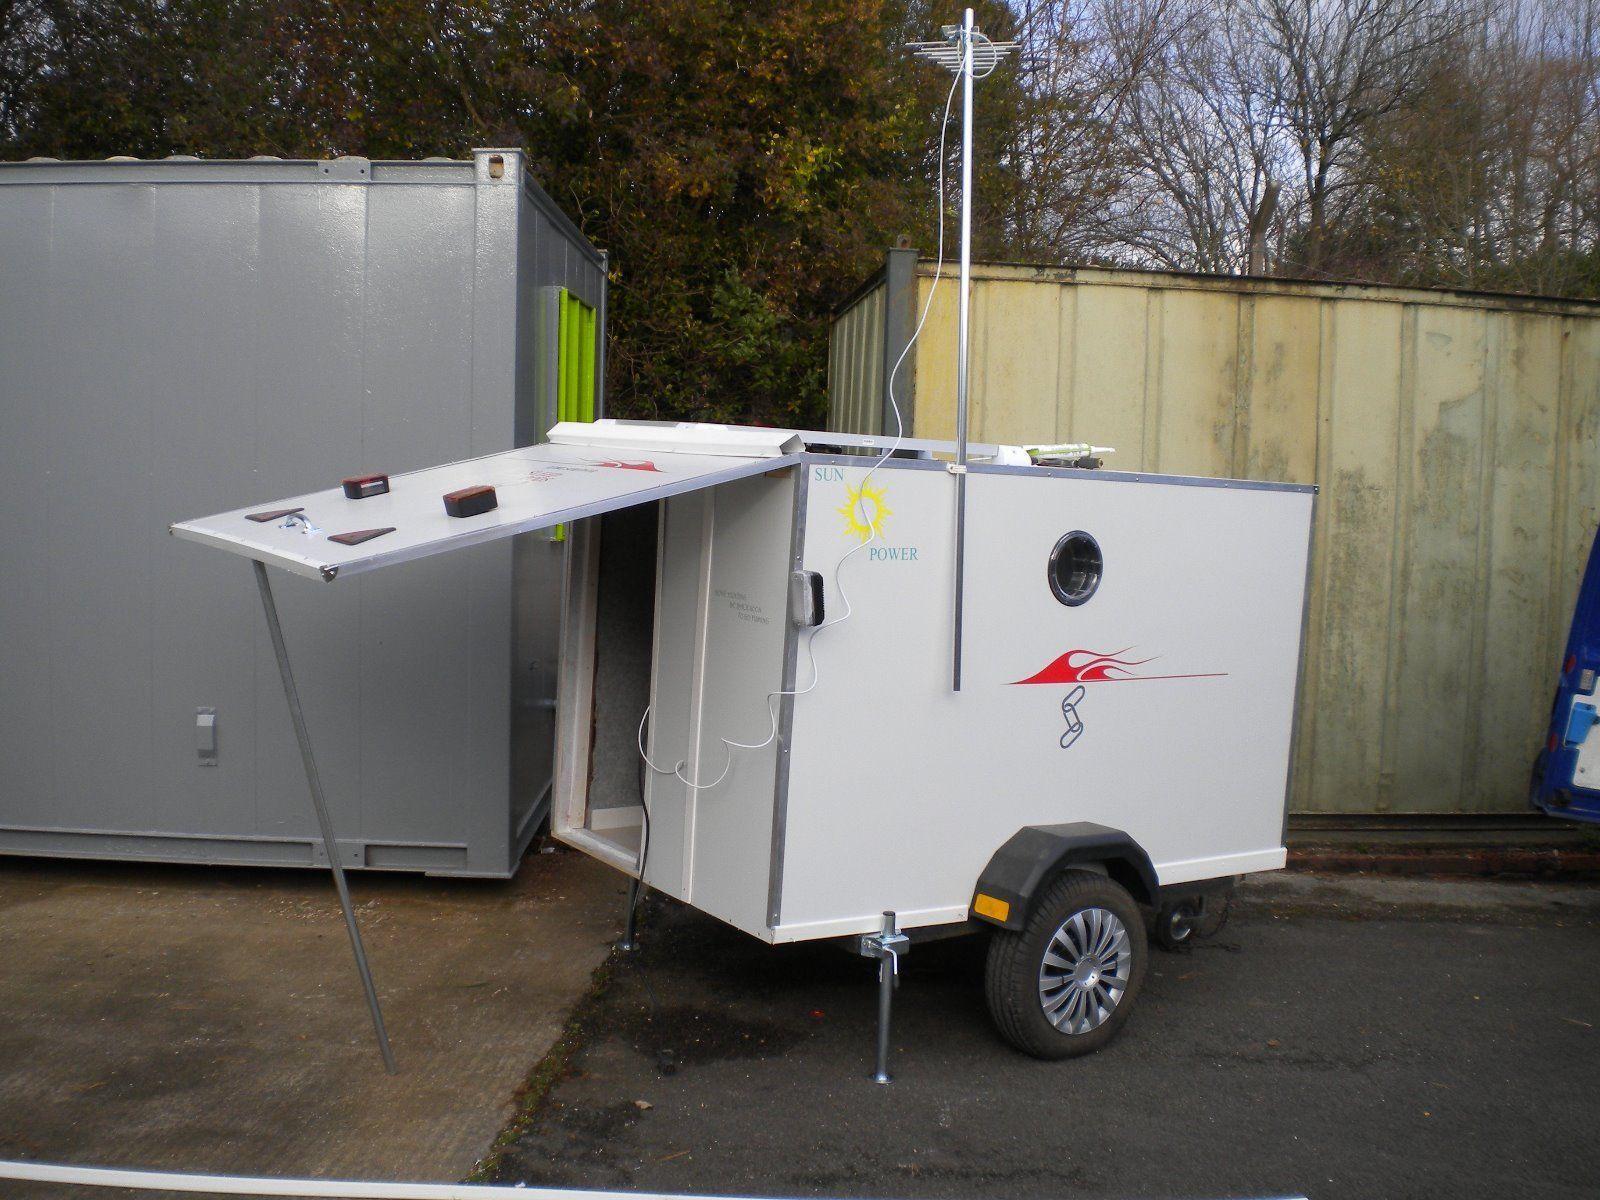 Teardrop micro caravan | My trailer | Camper trailers